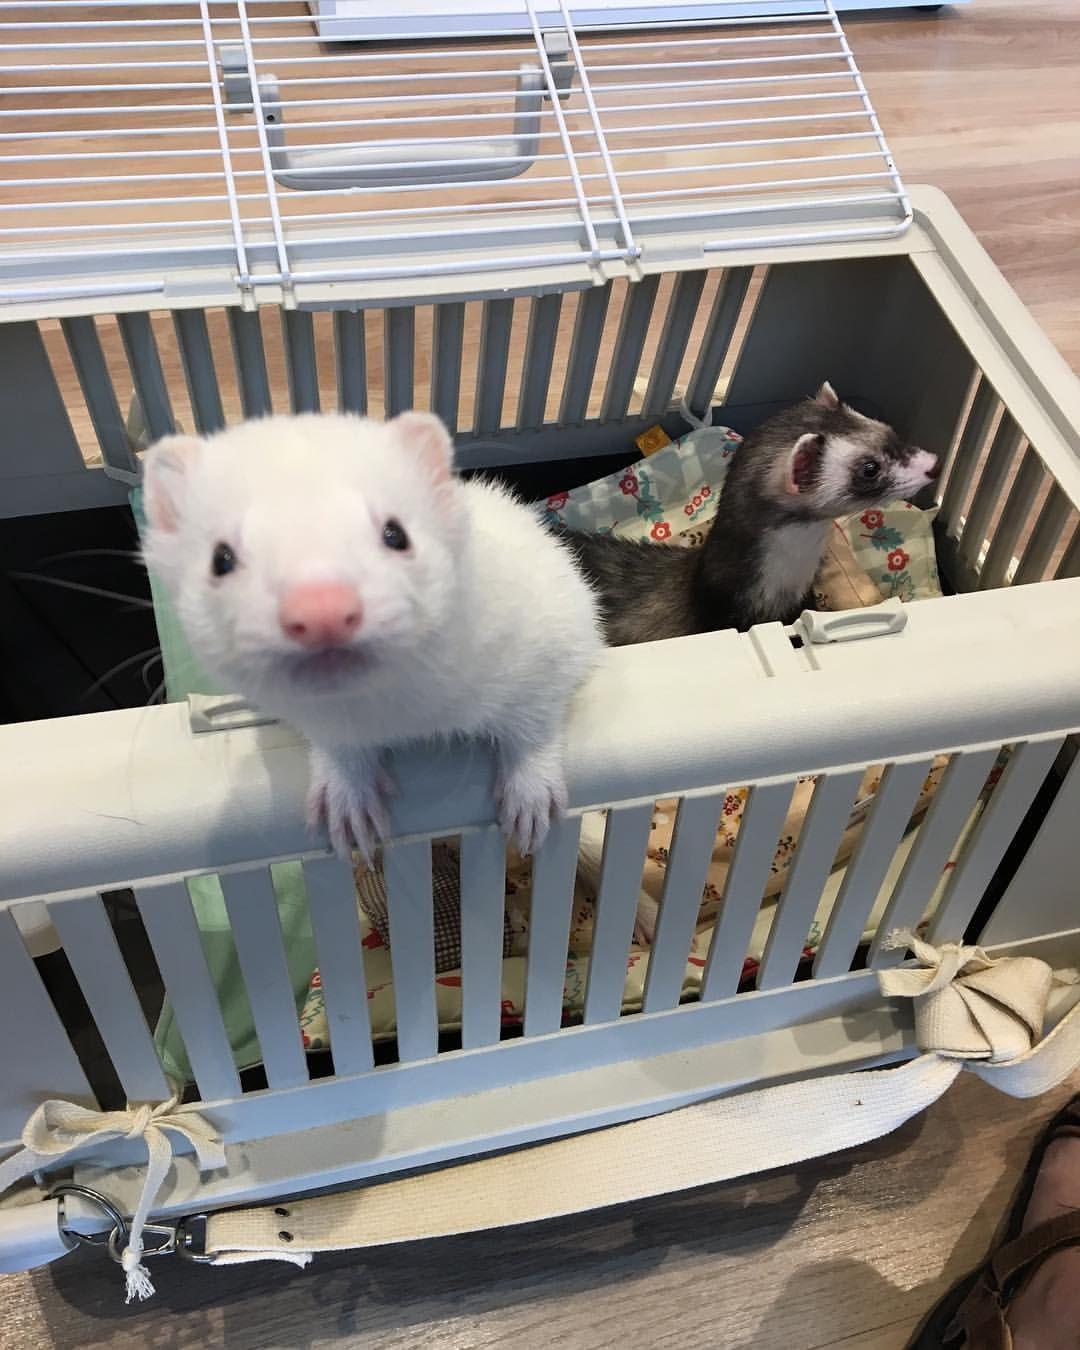 で 病院かよっ つイタチ ついたちはイタチの日 イタチごはん イタチ フェレット ごはん屋 しんか動物病院 おのら先生 Cute Ferrets Cute Animals Animals